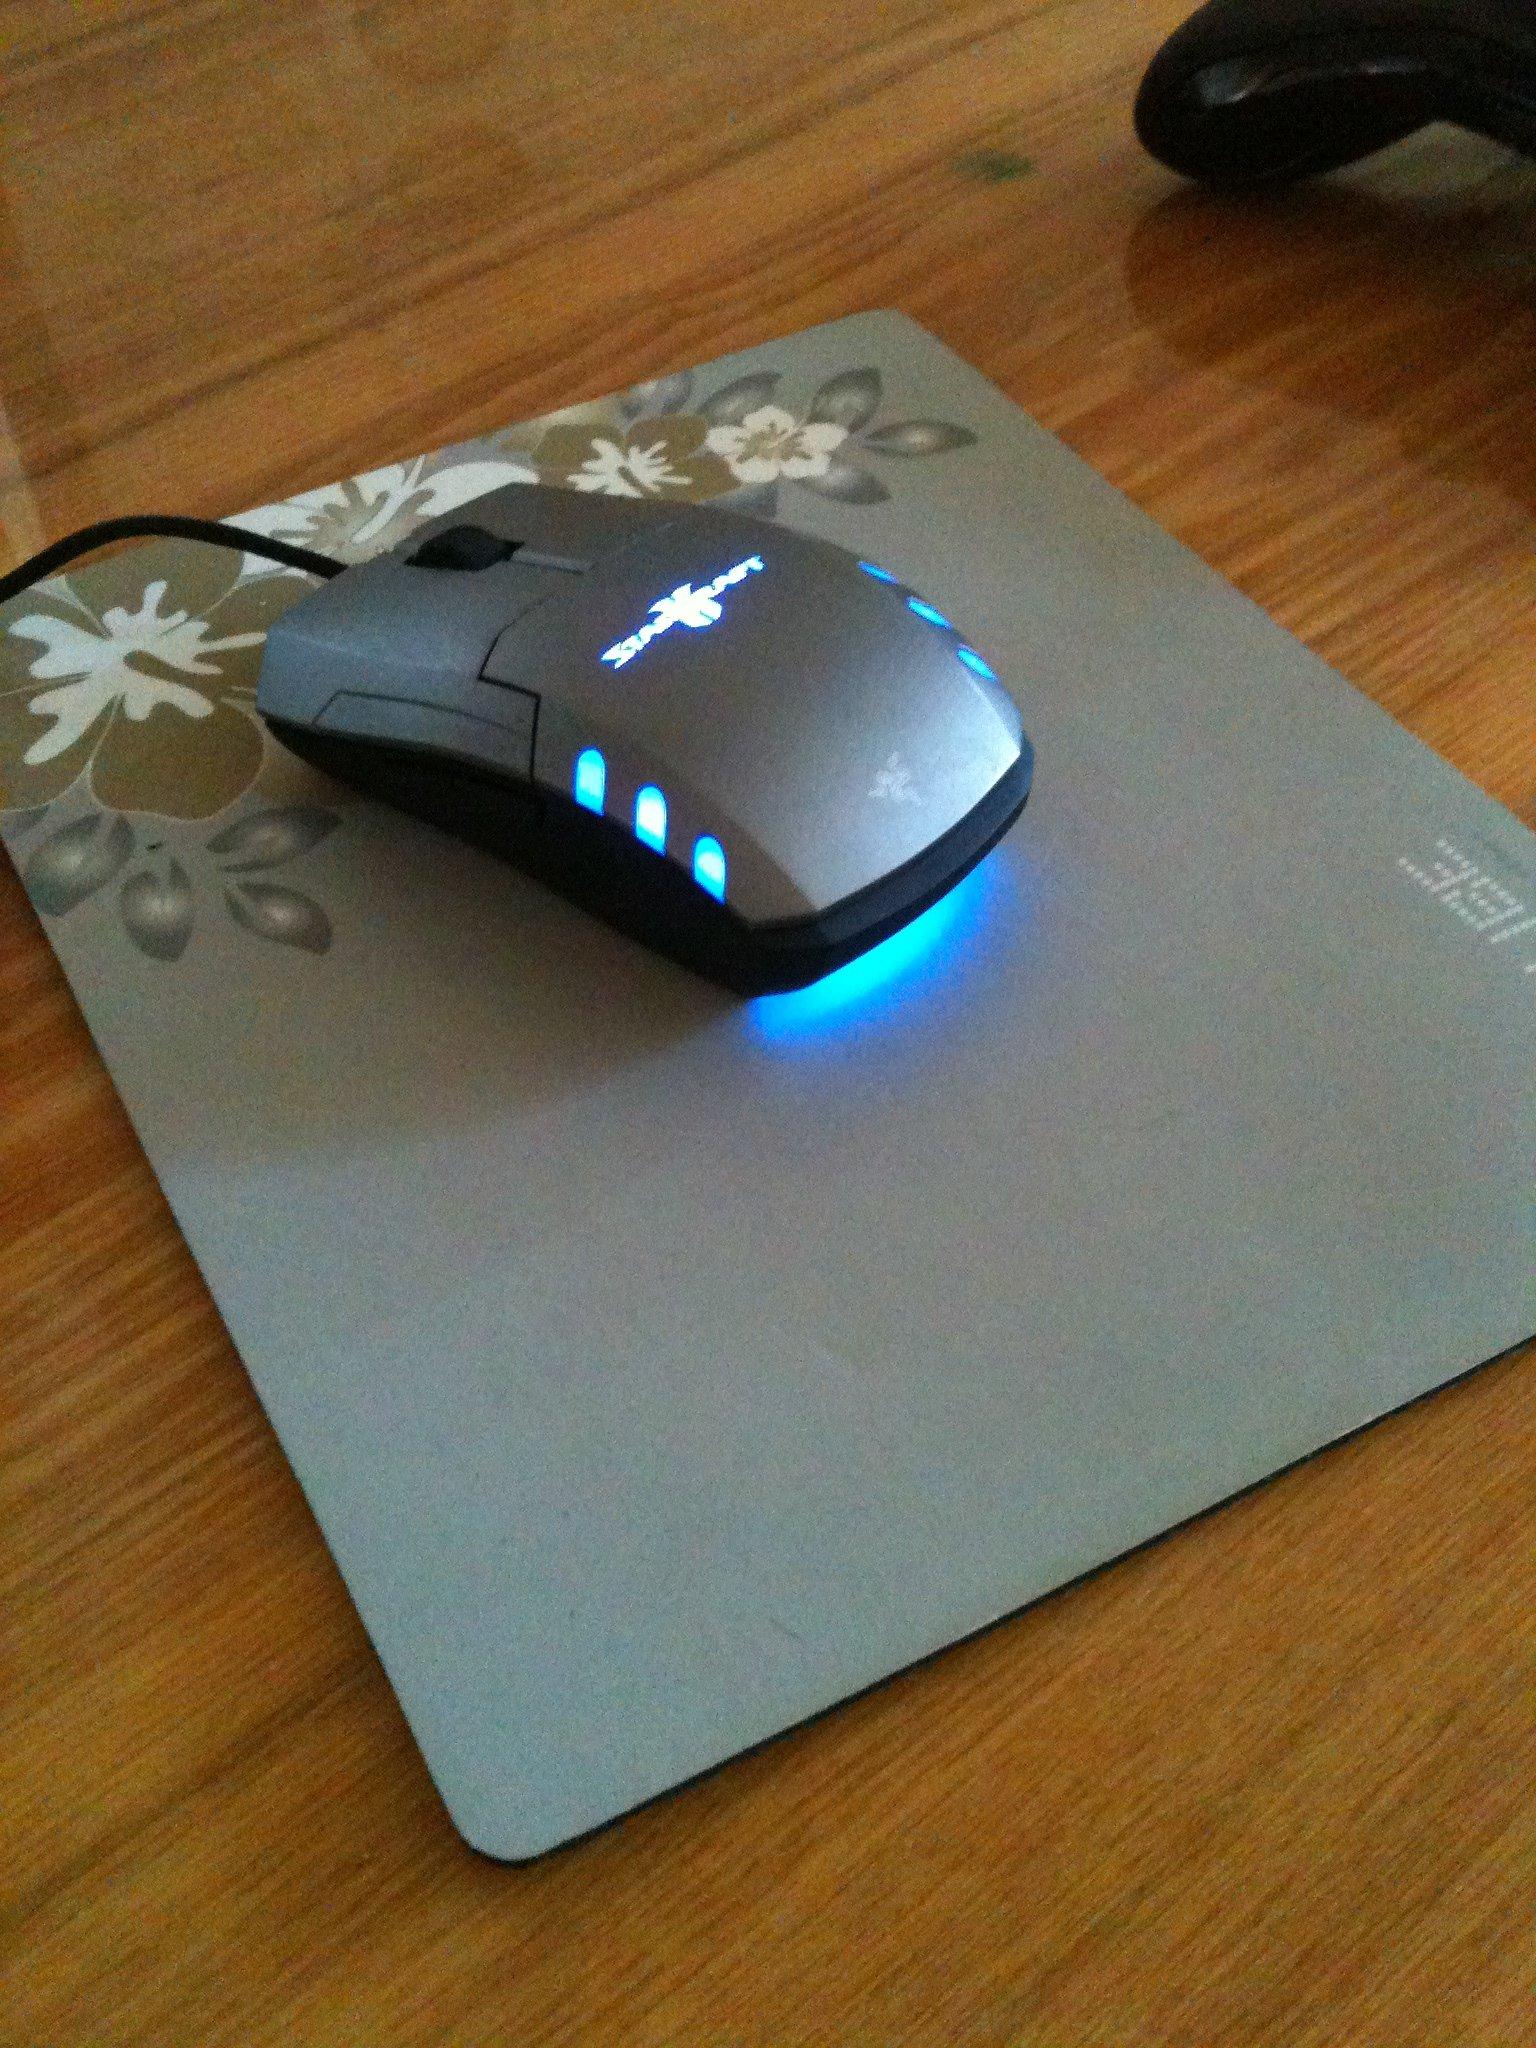 Наконец-то приобрёл себе мыша мечты. Сидит теперь на столе и светится... - Изображение 1